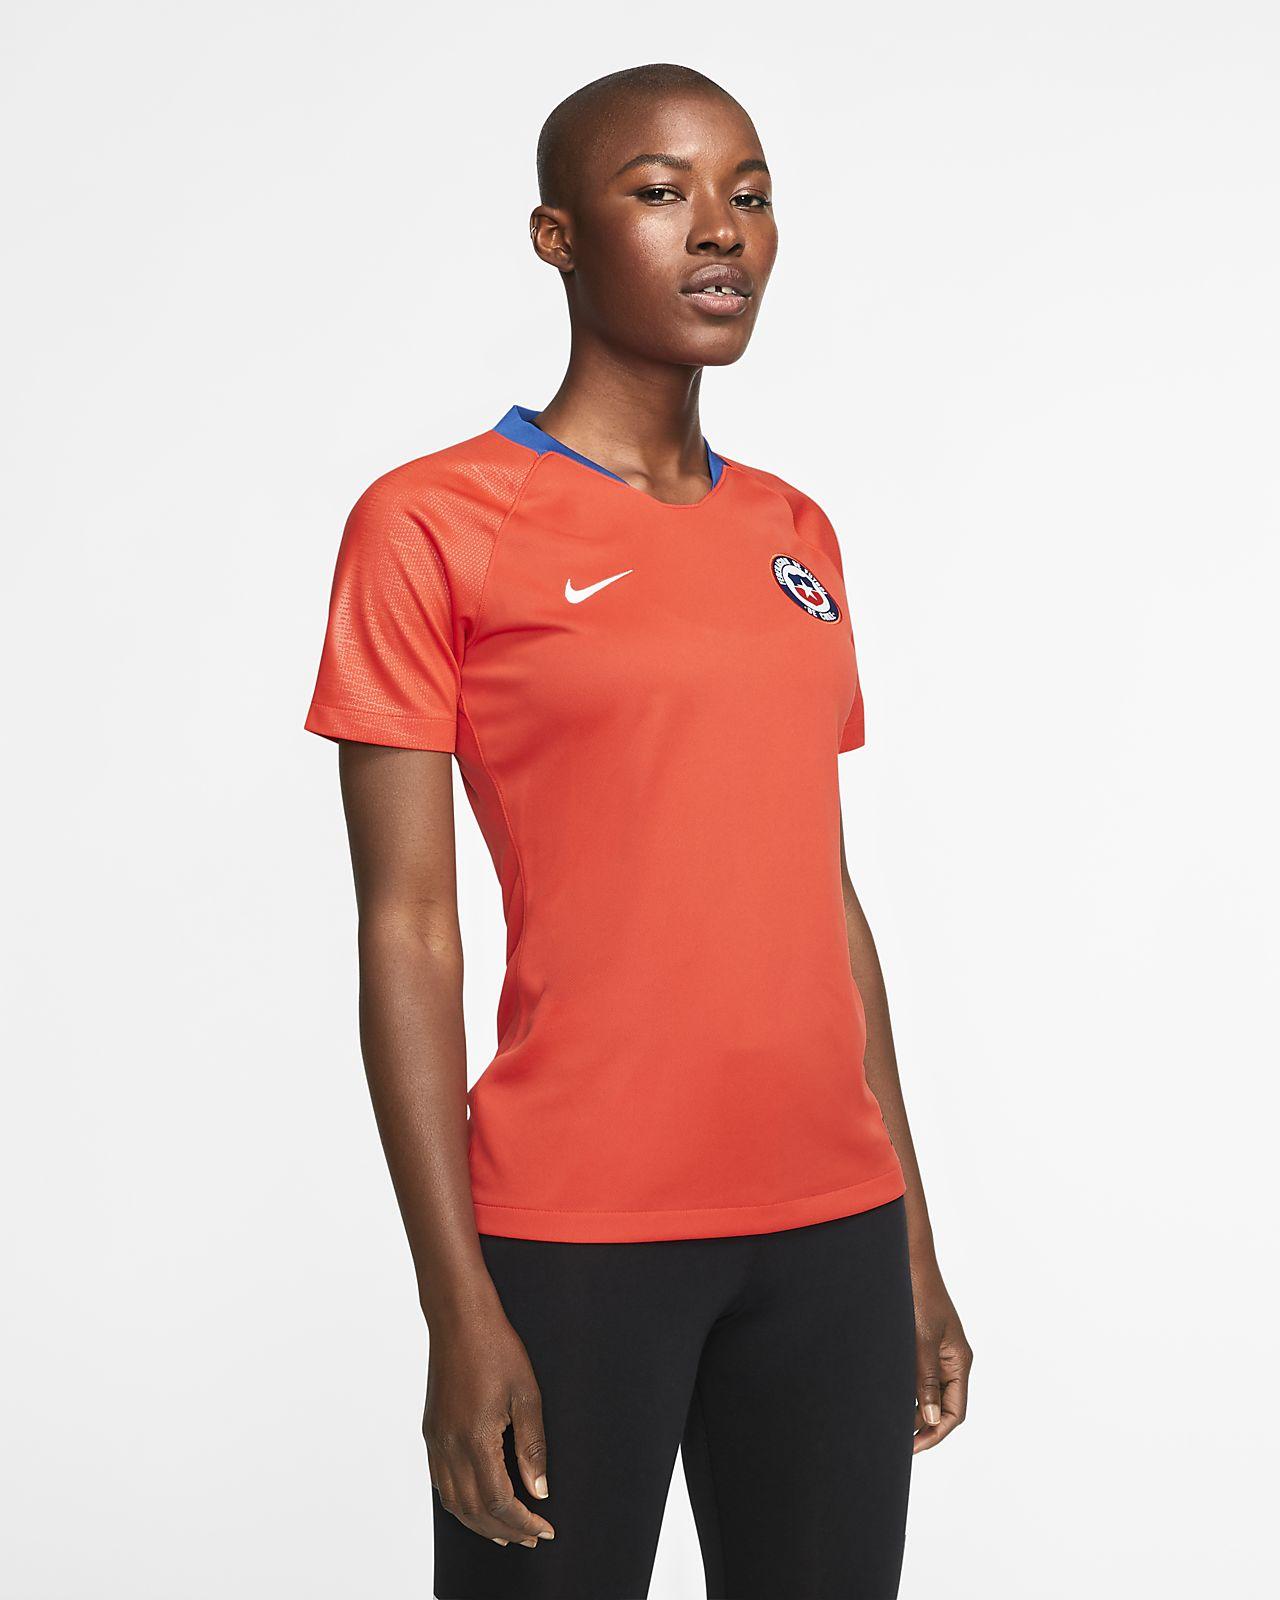 Şili 2019 Stadyum İç Saha Kadın Futbol Forması